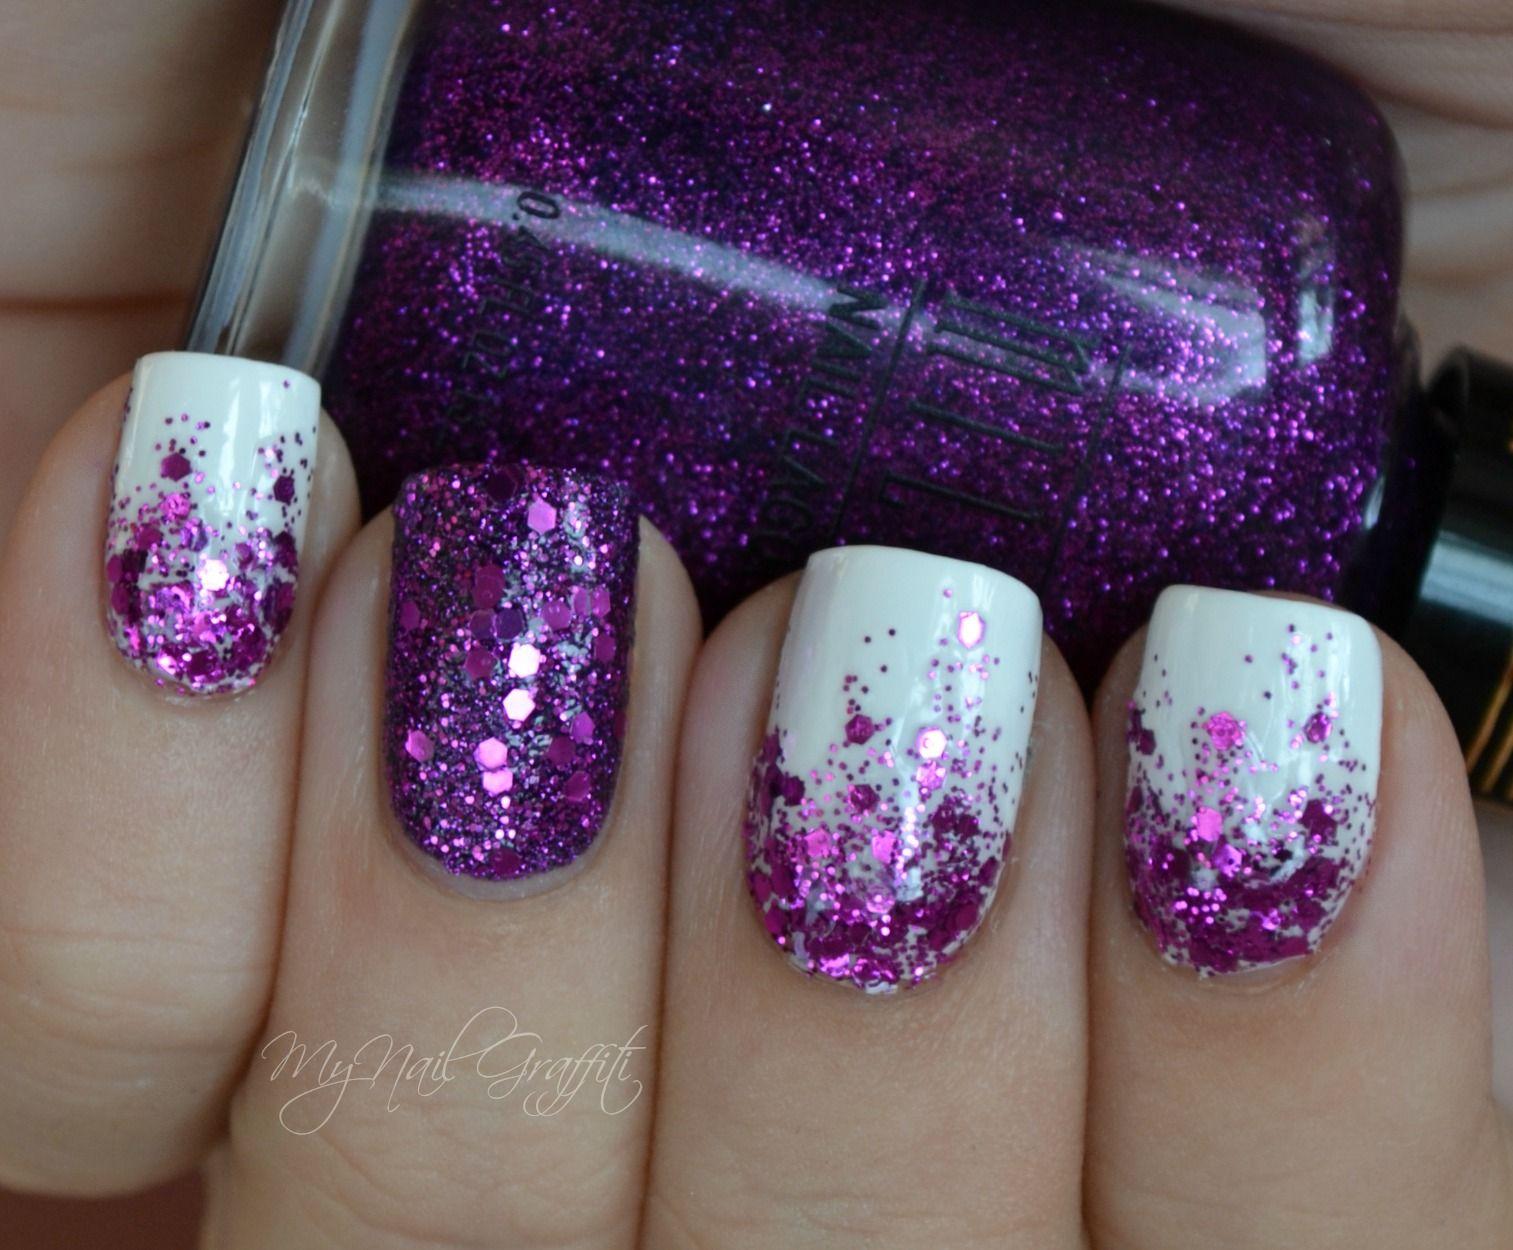 Nail Art Ideas purple and gold nail art : My Nail Graffiti: Purple Glitter Gradient Use a yellow gold polish ...